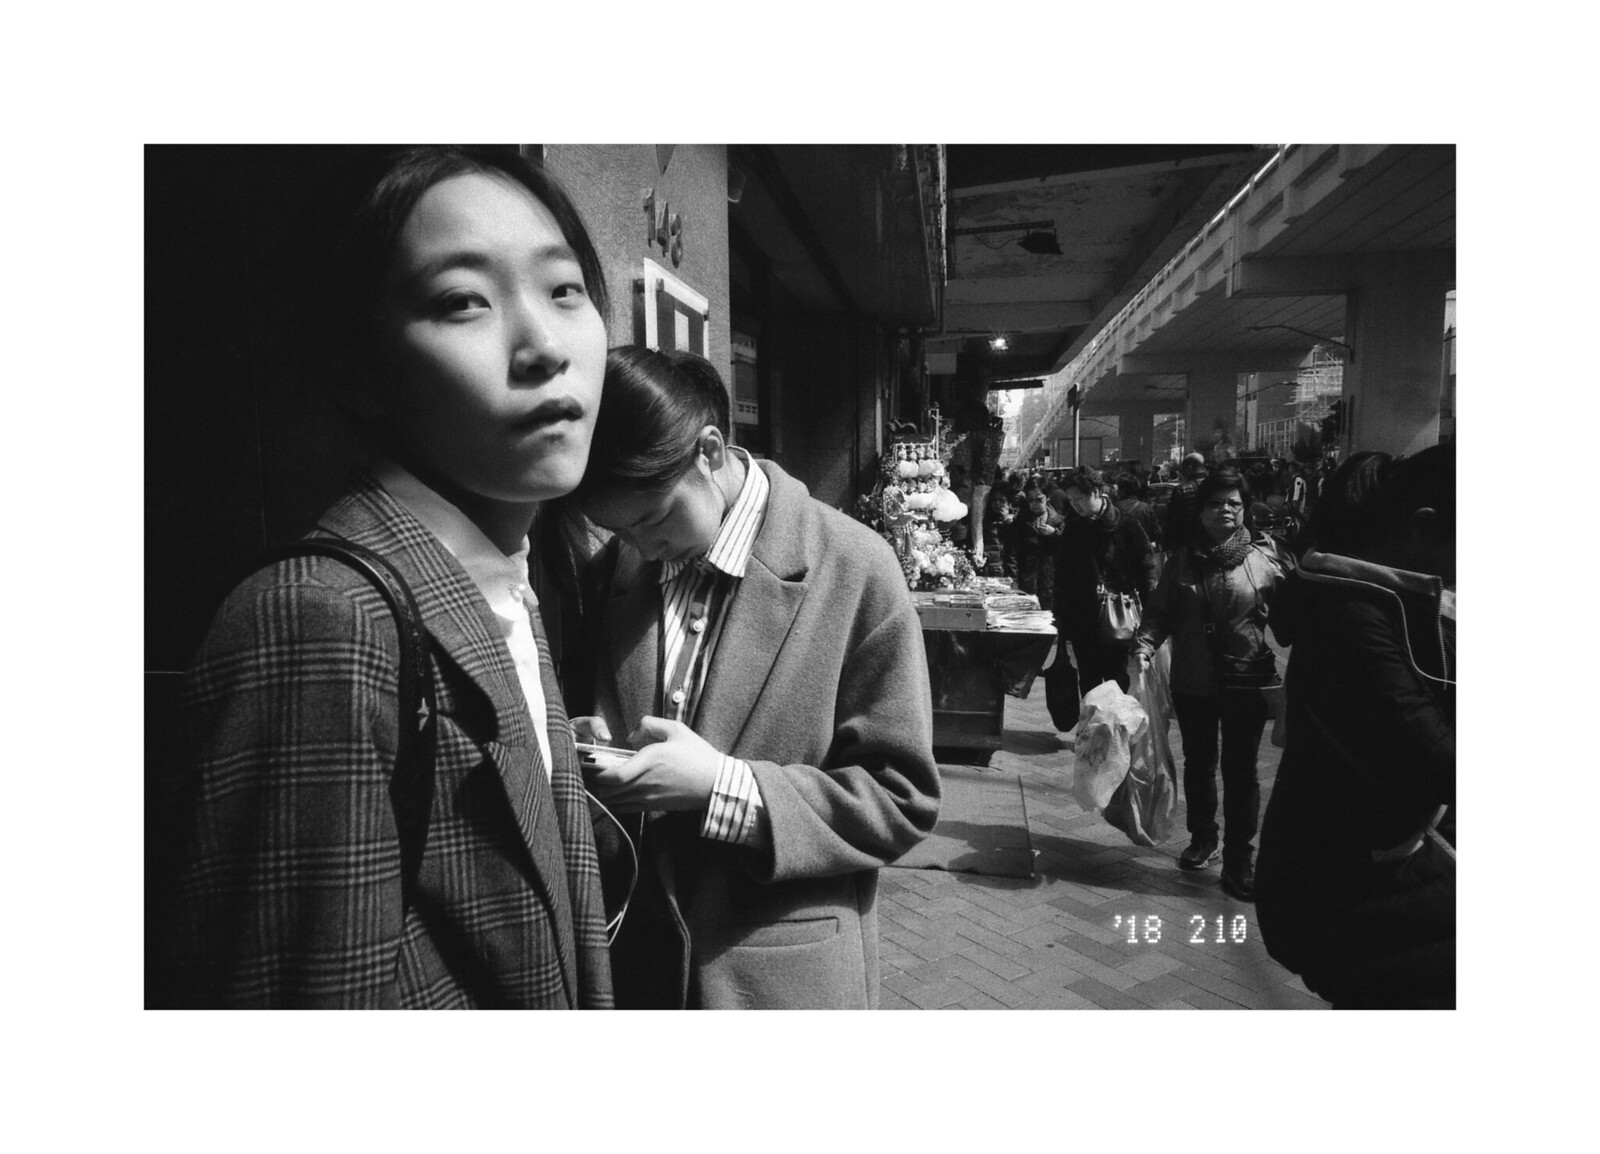 HK 2018 | by danieltim.net